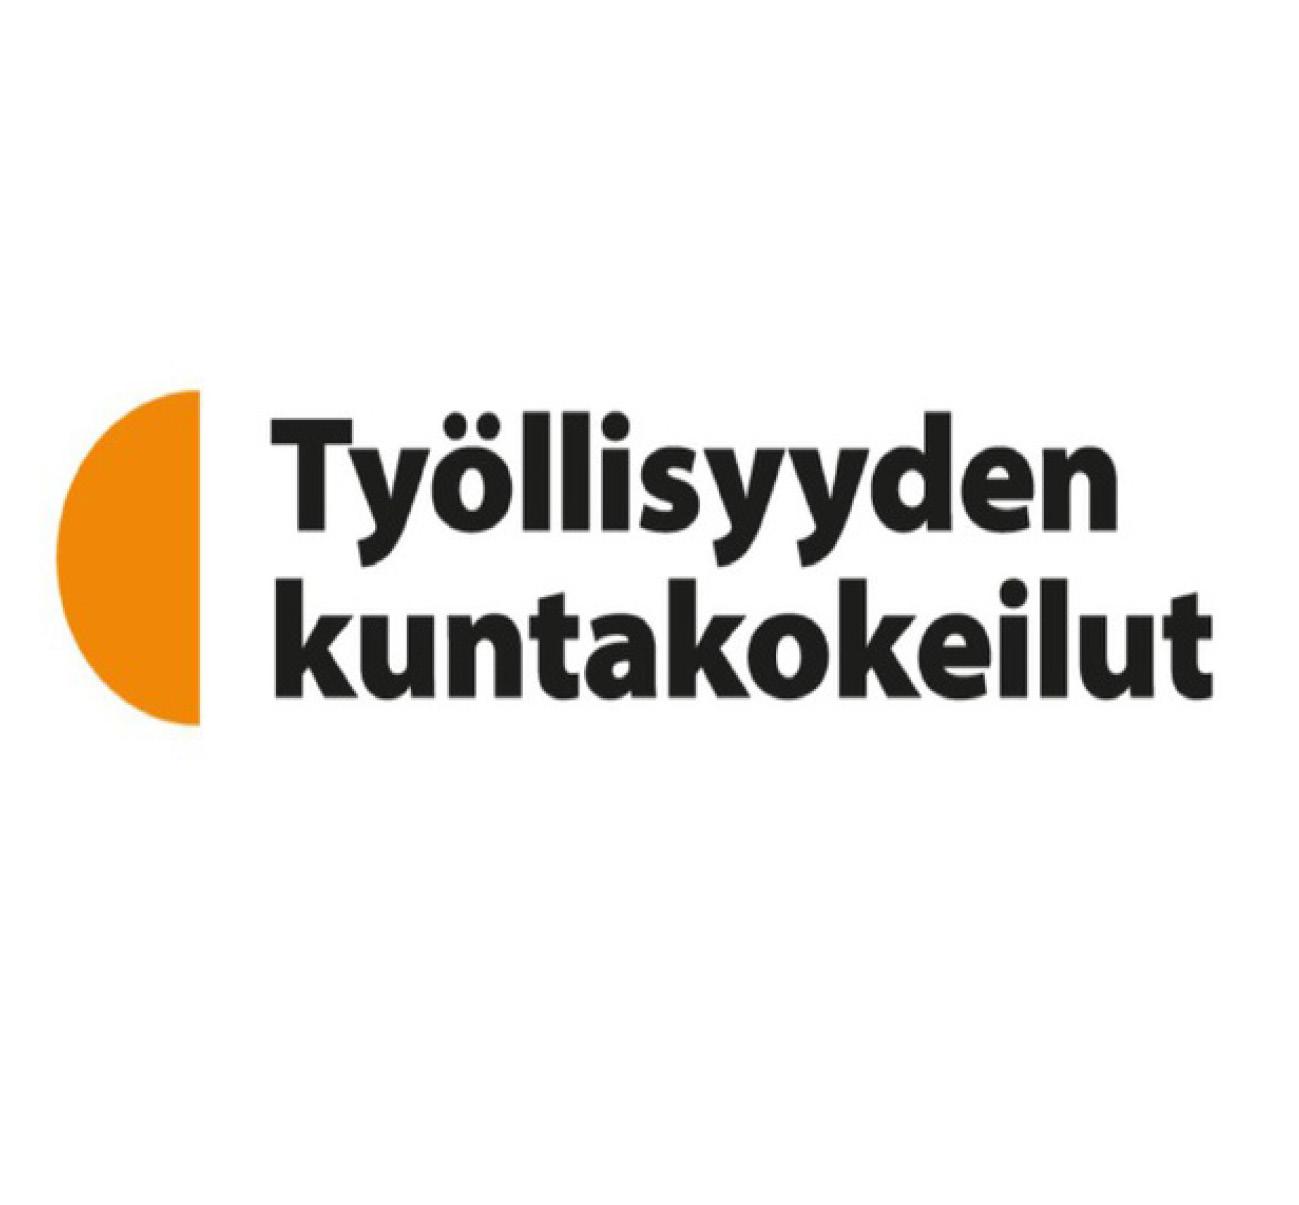 Työllisyyden kuntakokeilut logo